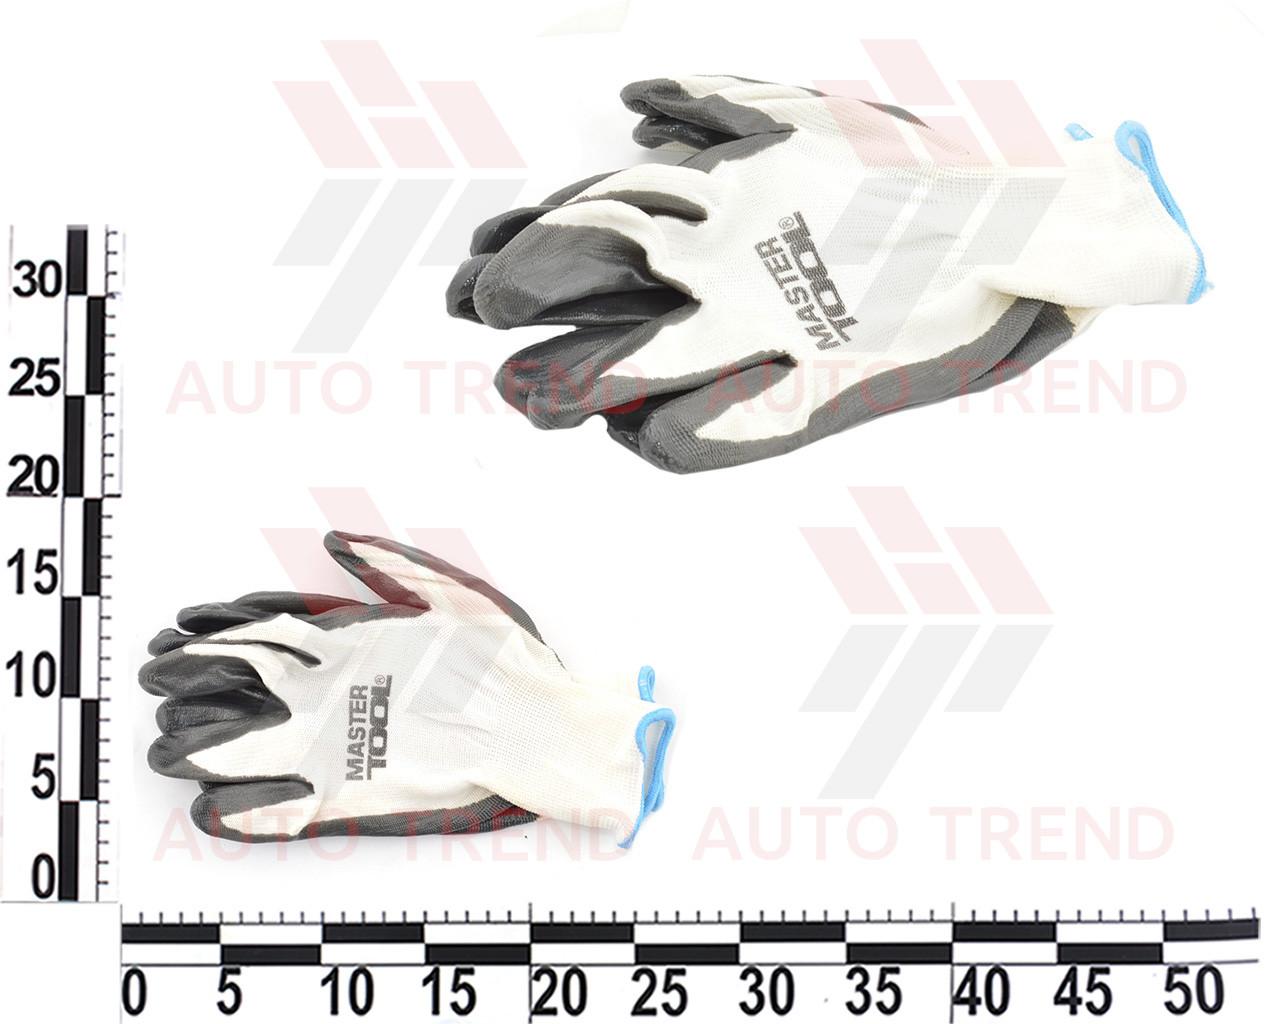 *Перчатки трикотажные бесшовные с нитрил. покрытием ладони, бело-серые, 36-38г, тонкие (размер 10)